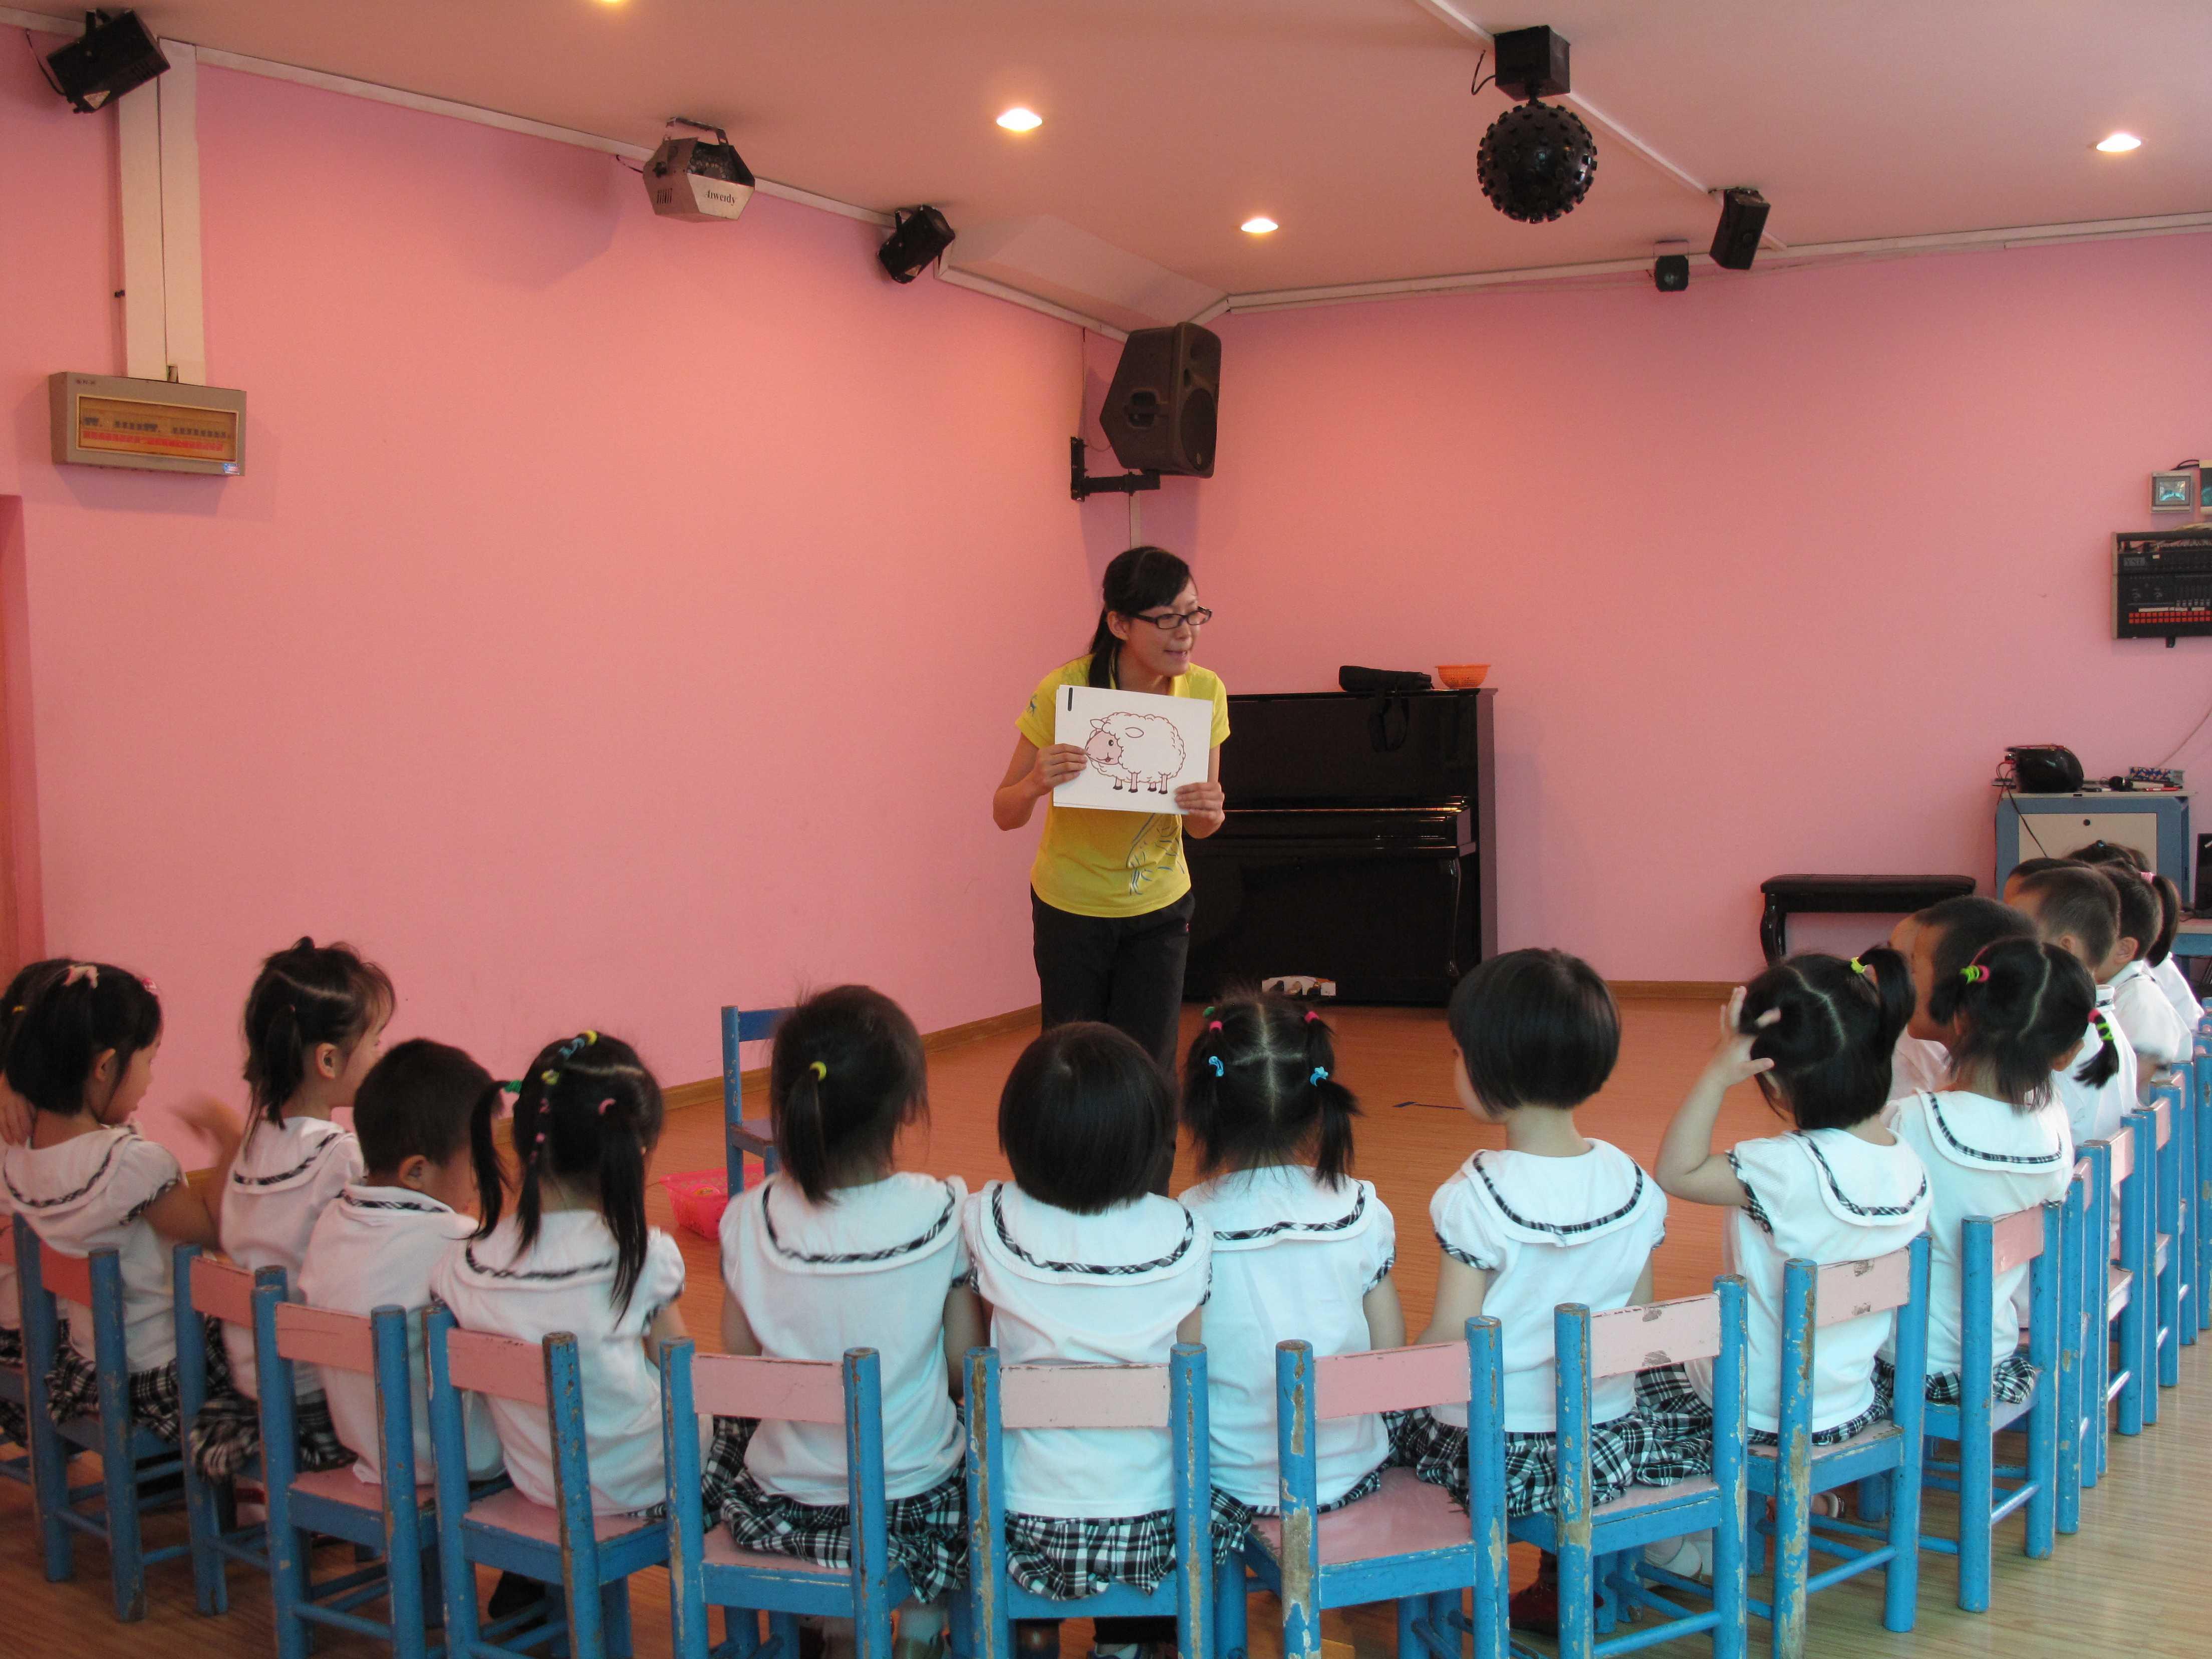 学前教育是就业率排名最高的专业之一,目前中国学前教育供不应求。幼师行业紧缺人才。社会上并不缺乏幼儿园教师,对幼儿园教师要求越来越高,而是缺少高文化高素质的幼儿教师。 幼儿教师学历要求: 幼儿园教师资格必须具备幼儿师范学校毕业及其以上学历; 幼儿园教师考试科目: 非师范教育类专业的报考幼儿园教师需参加教育学、心理学补修、测试和教育教学能力测评,成绩合格方可资格录用。 幼儿园教师语言要求: 普通话水平应当达到二级乙等以上标准,并获得相应等次《普通话水平测试等级证书》。 幼儿园教师身体、心理素质要求: 身体健